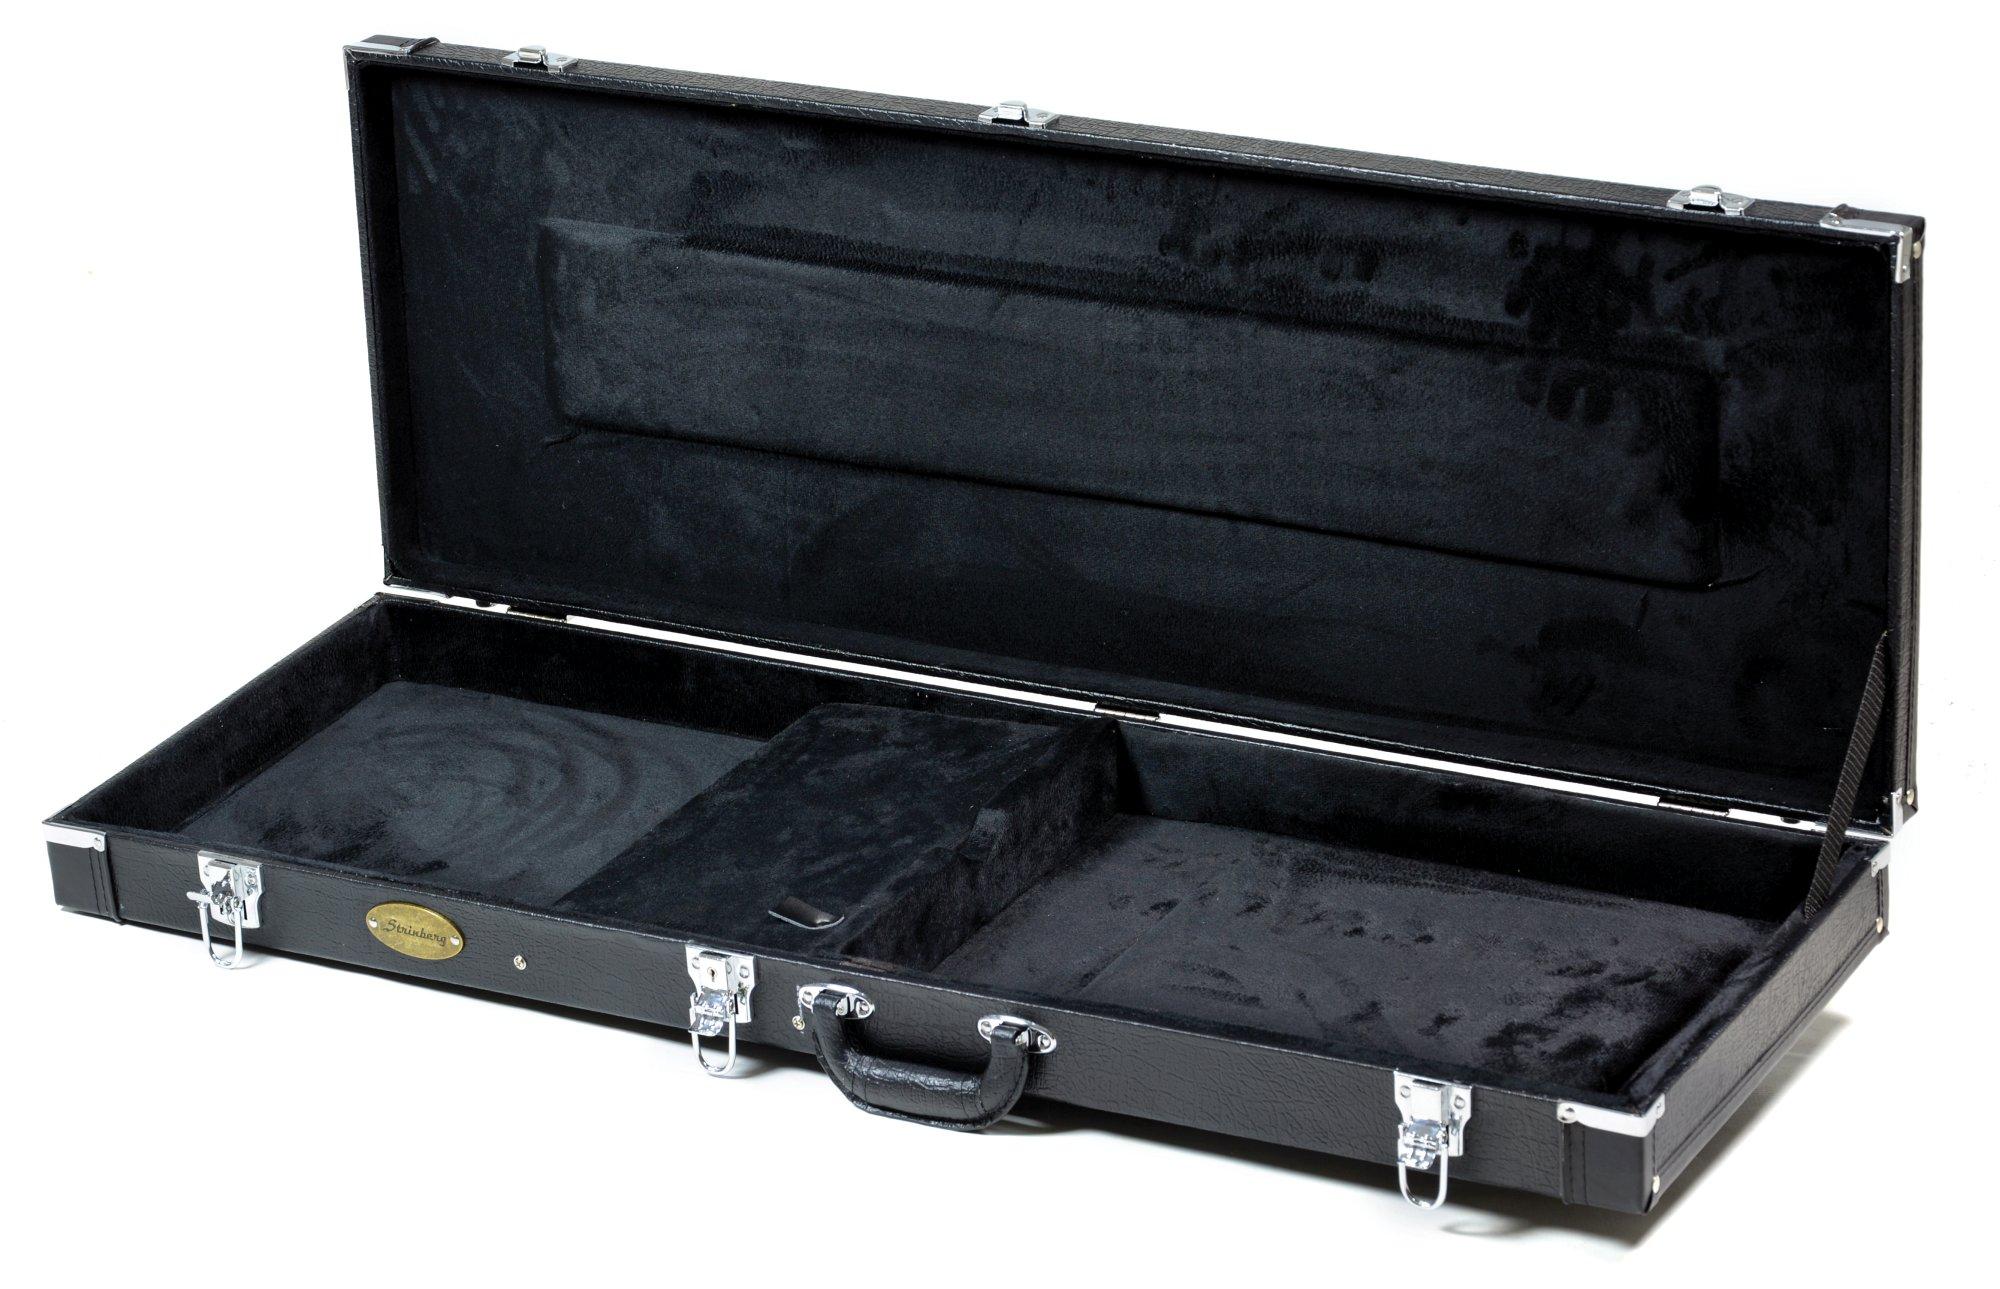 Case Strinberg Guitarra Wsg